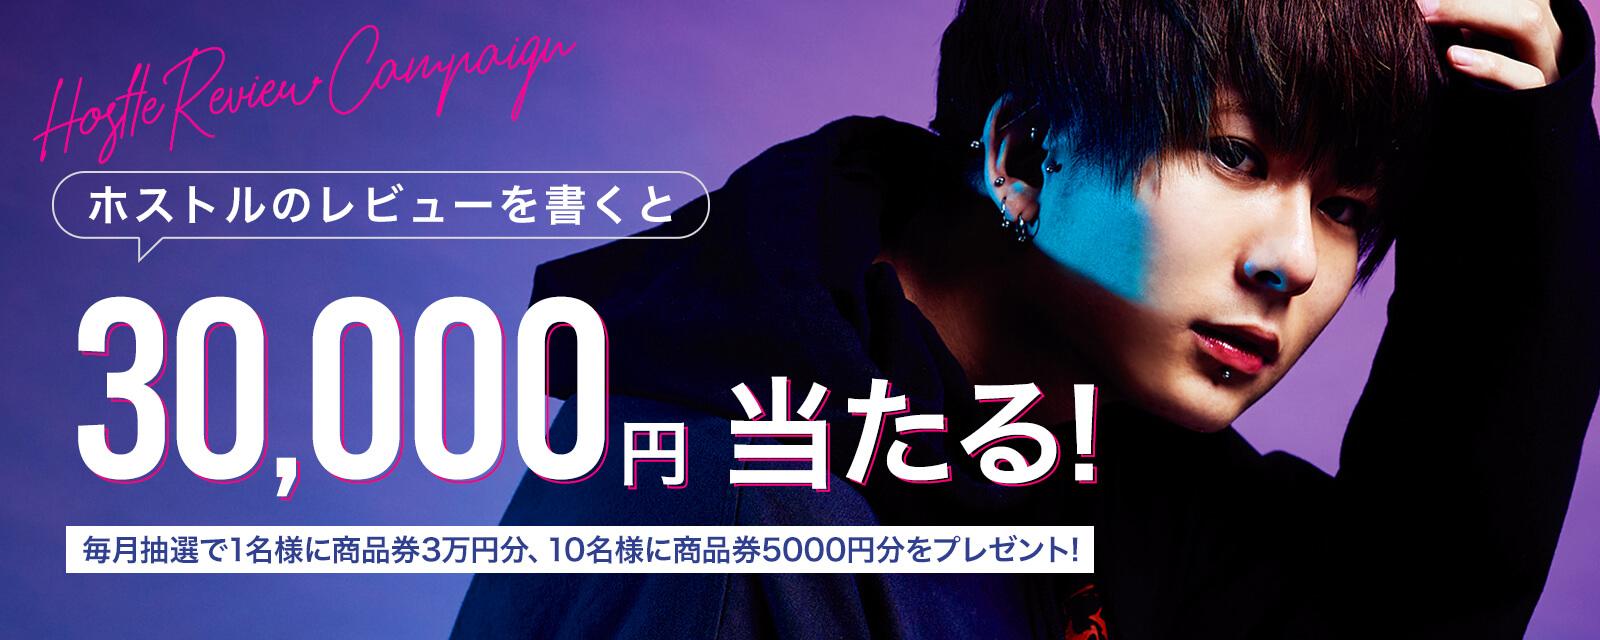 レビューを投稿して、3万円分の商品券をもらおう!